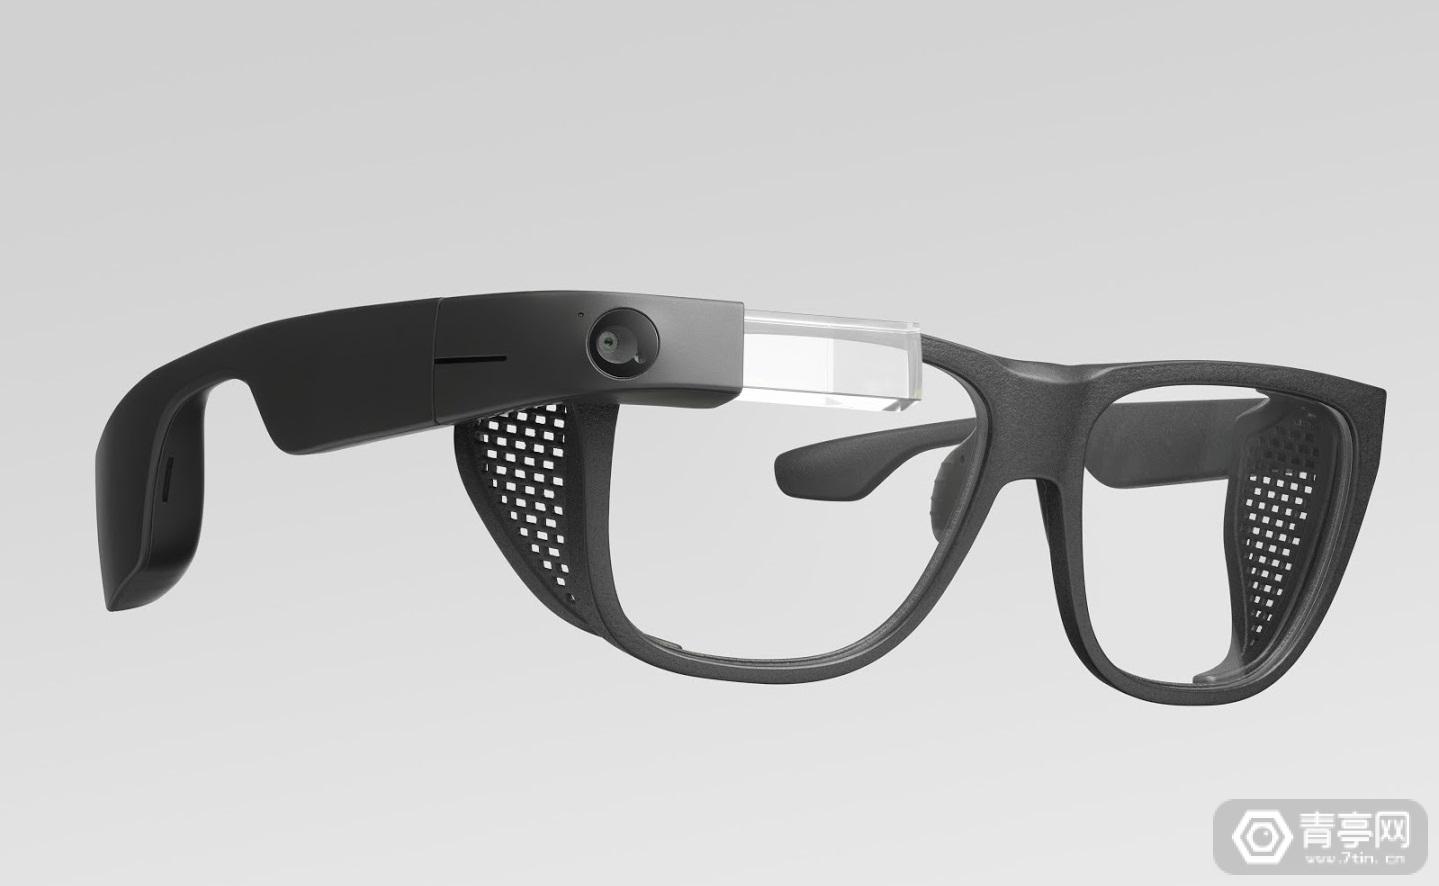 传闻谷歌眼镜第三代已交由和硕生产,但续航仅30分钟